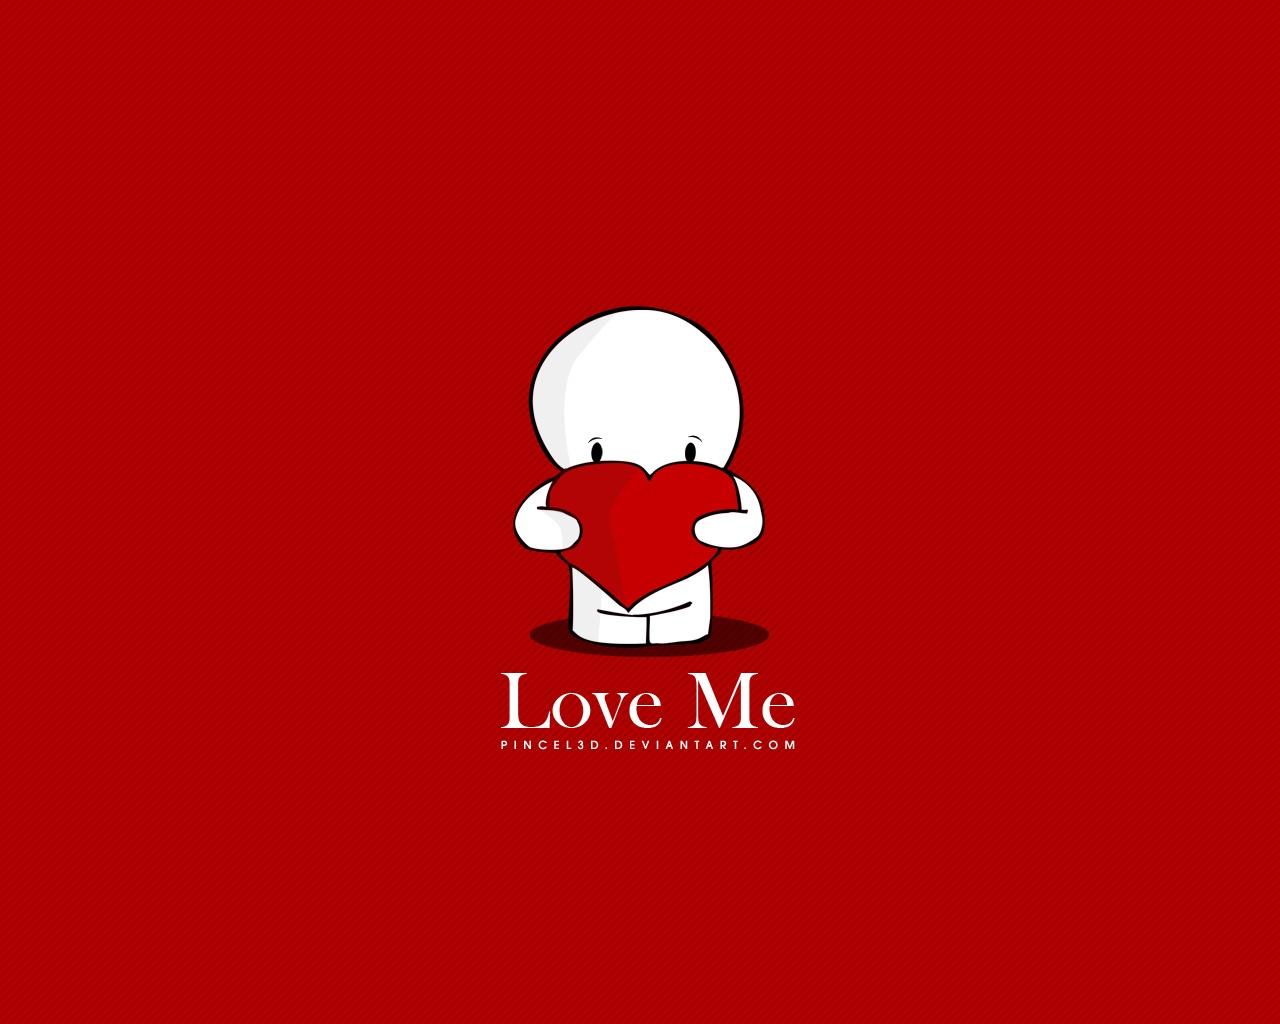 love_me_2-1280x1024